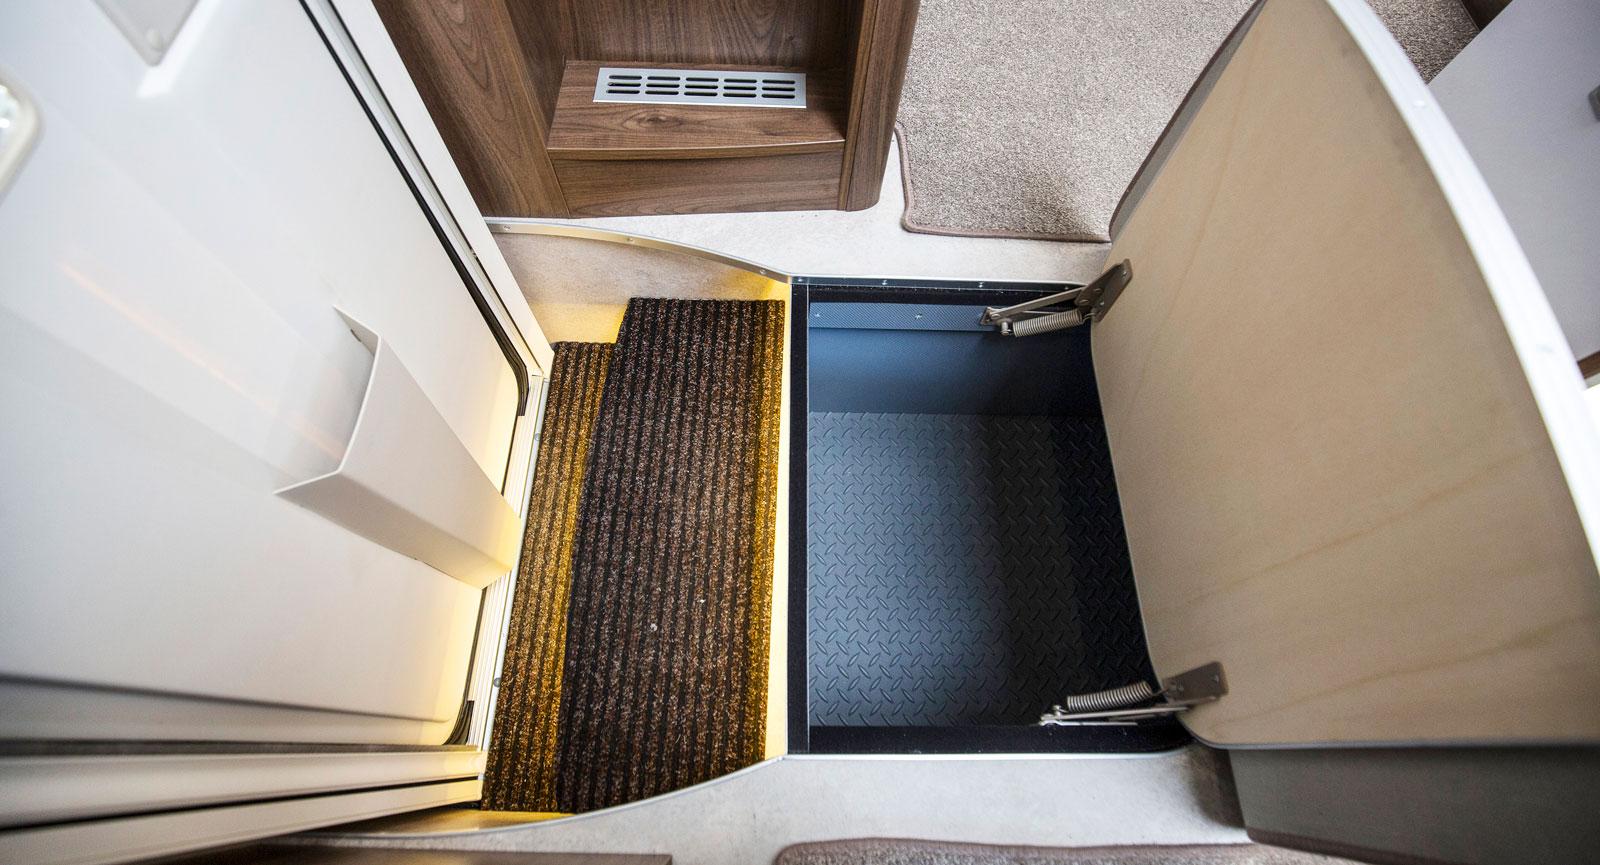 Innanför dörren finns det förvaring i golvet, kanske för skor?